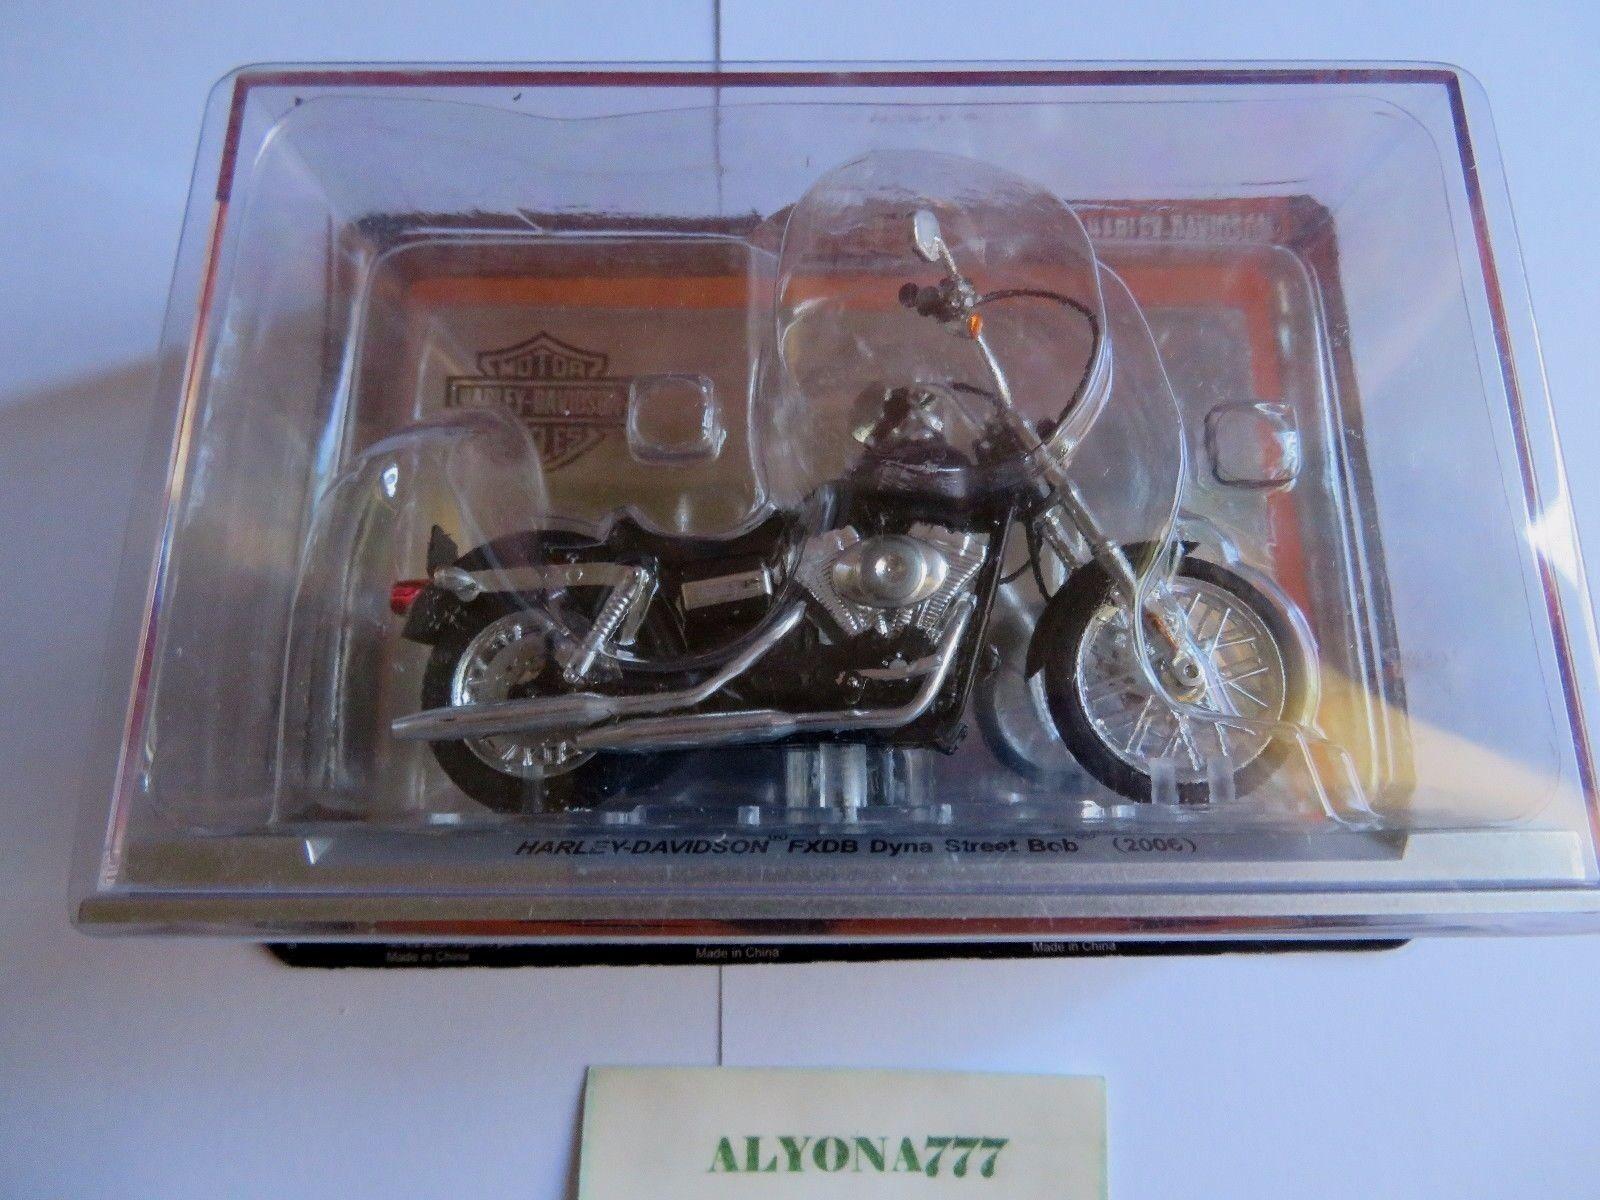 1 24 Altaya HARLEY DAVIDSON Dyna Street Bob 2006 Moto Bike Motorcycle SEALED